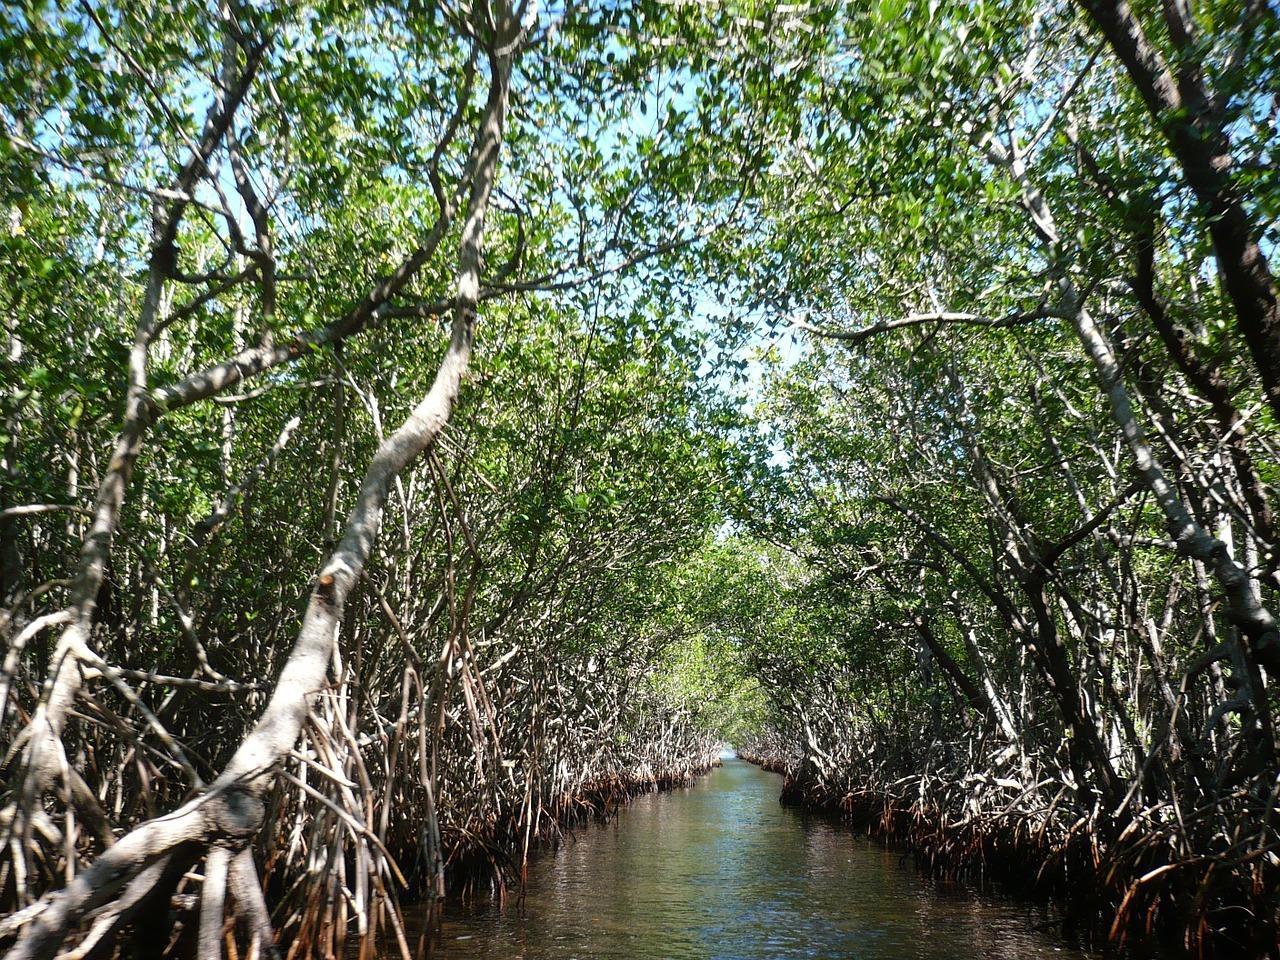 mangroves-105646_1280.jpg